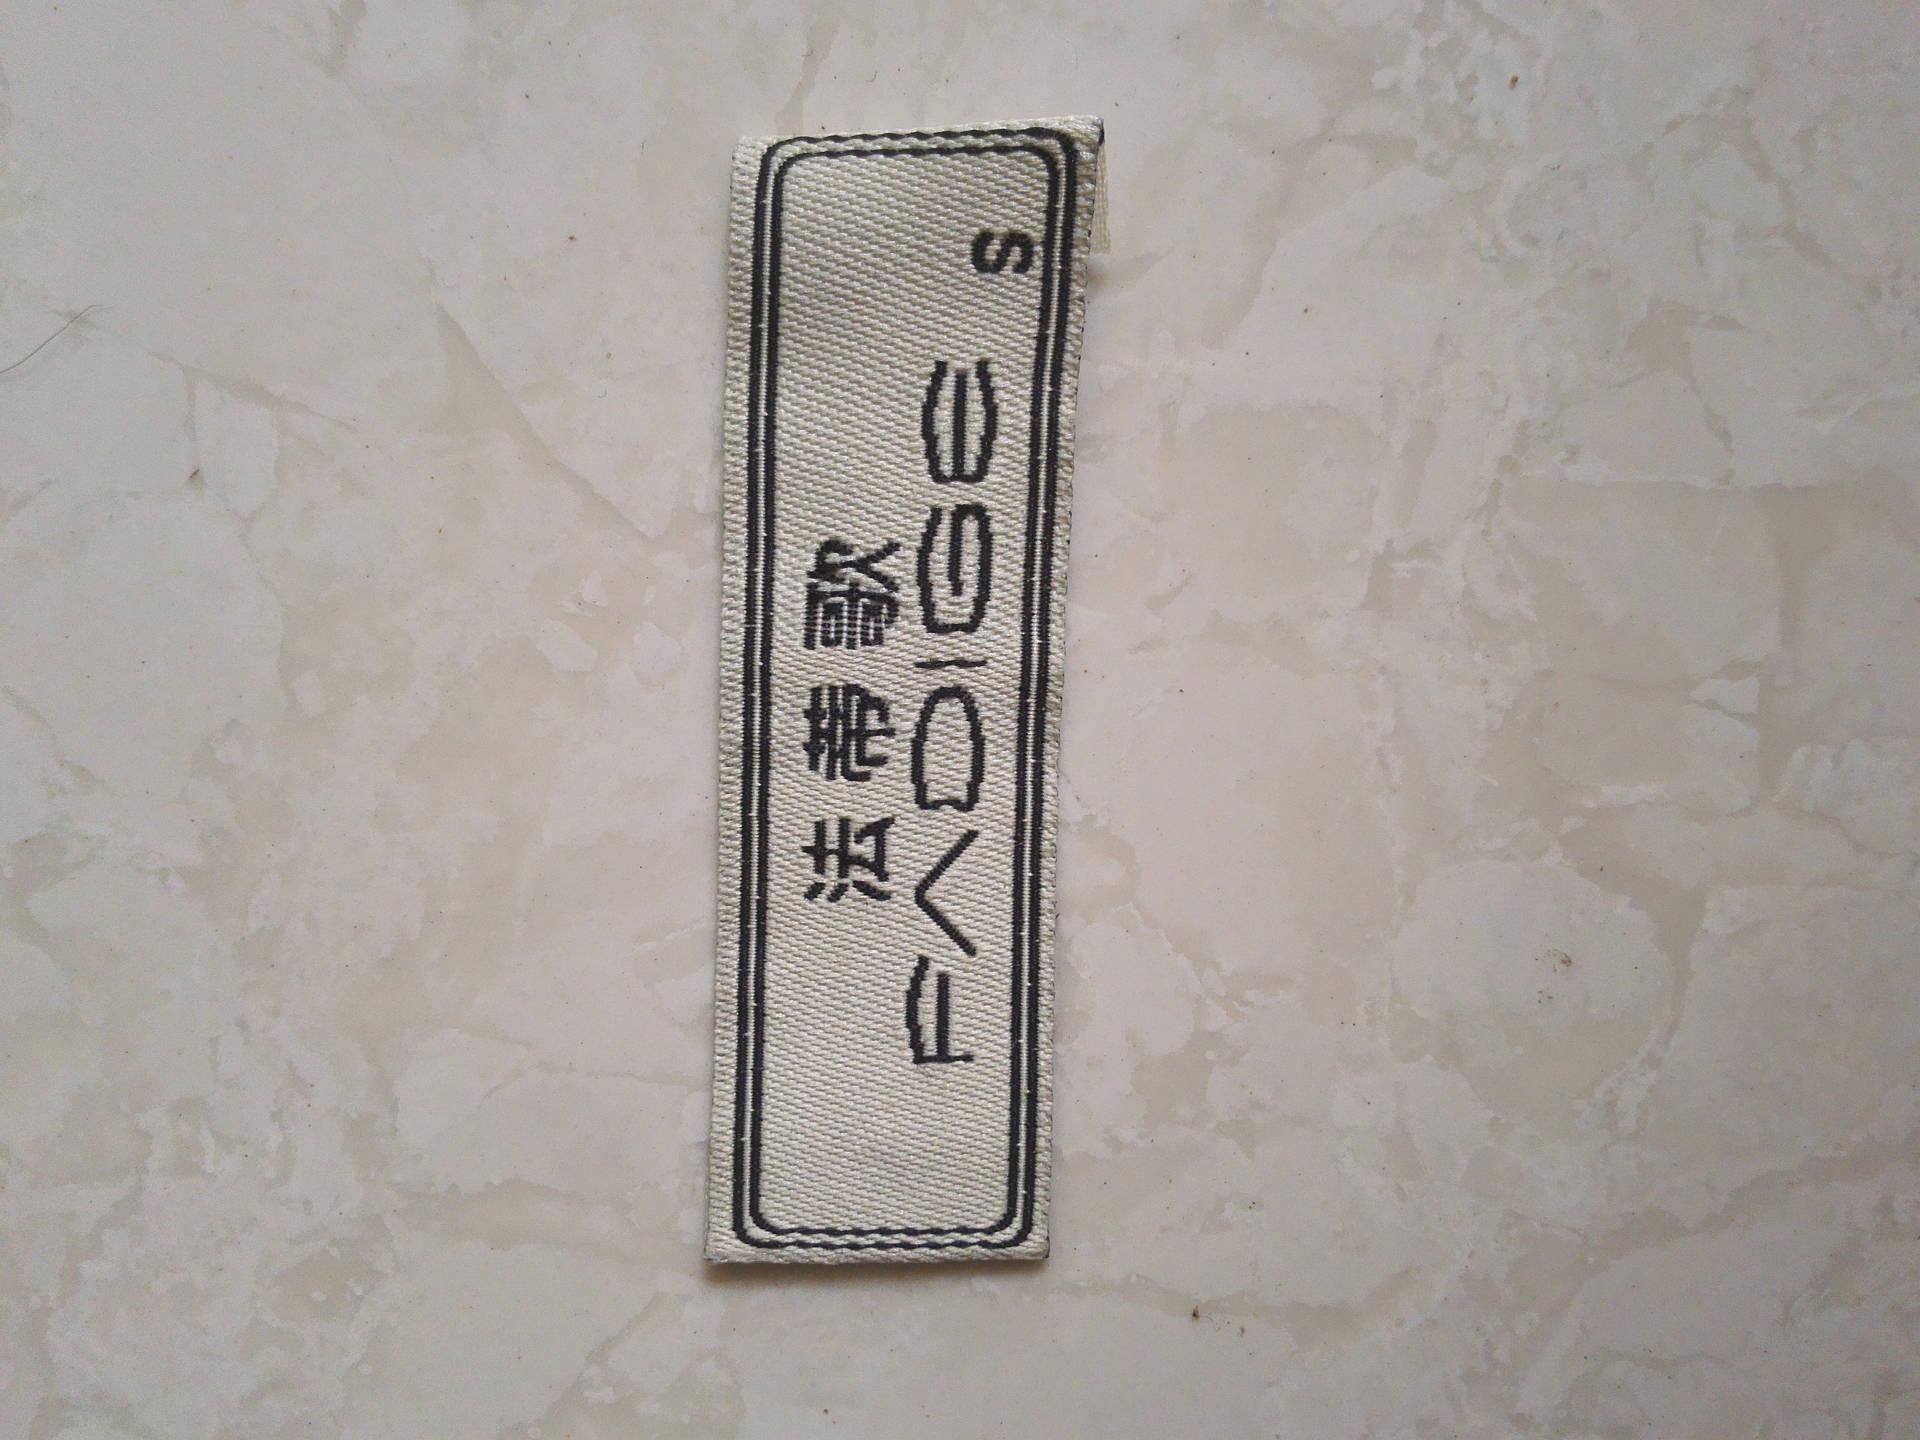 【领标】厂家直销专业生产 衣领领标织唛 欢迎定制领标 纺